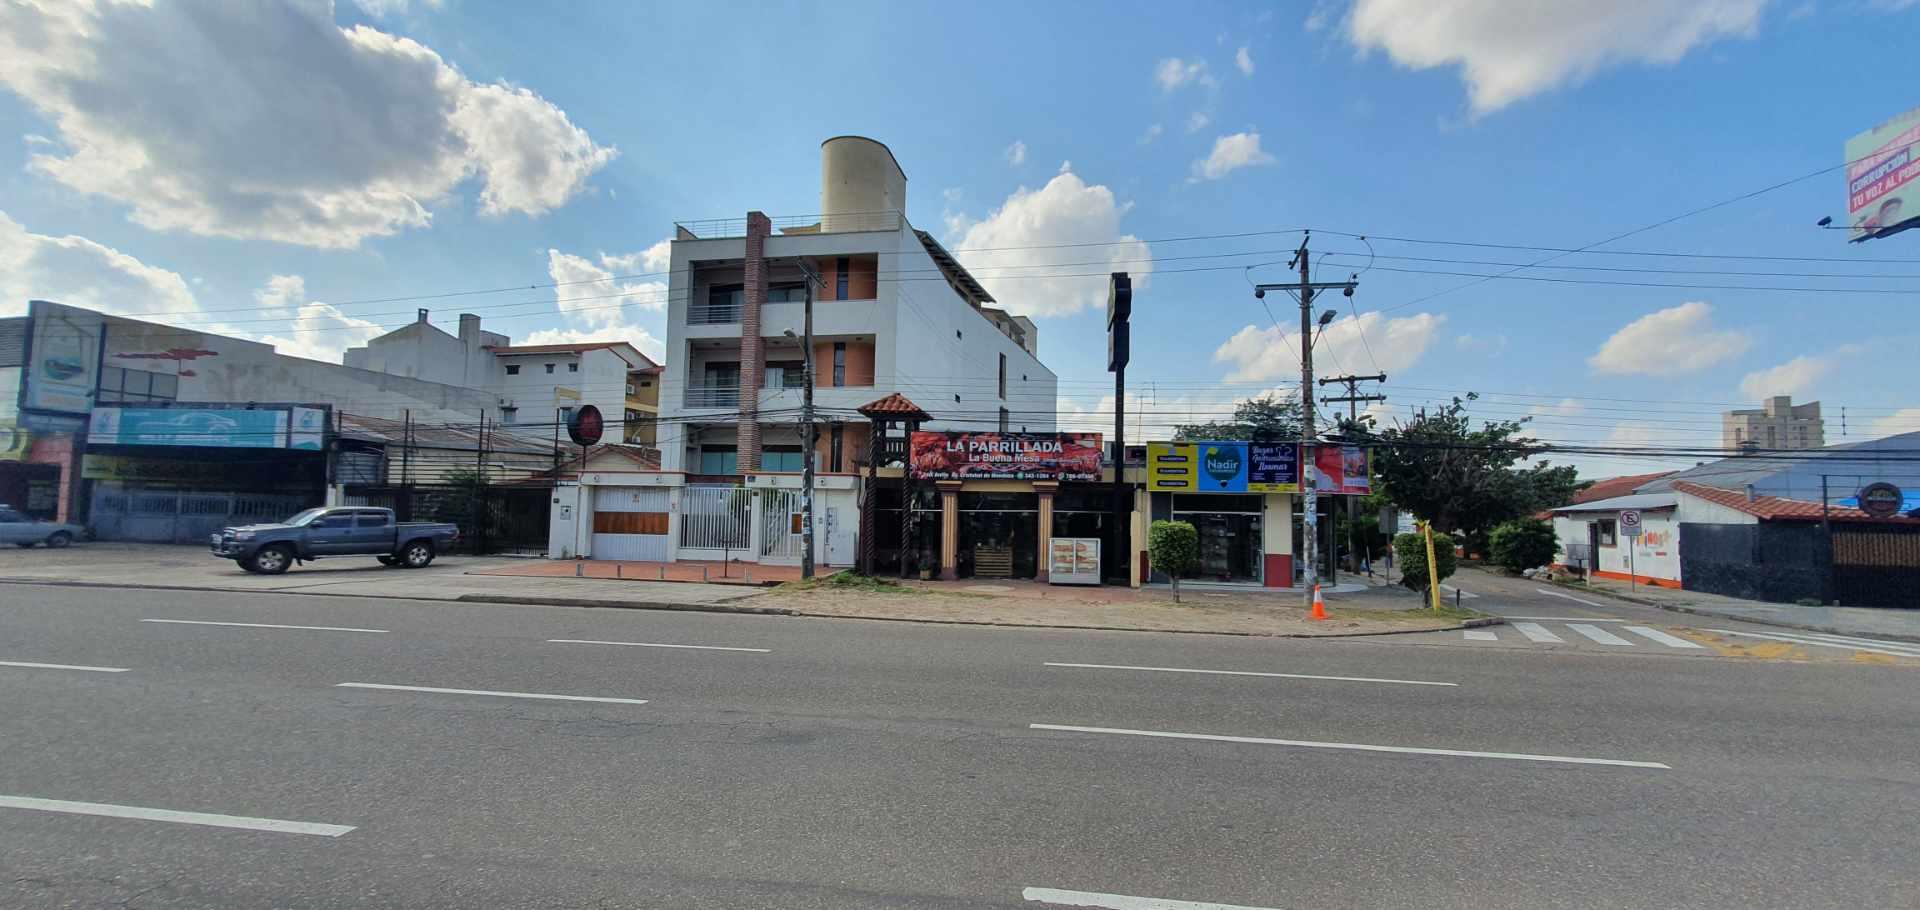 Local comercial en Venta Inmueble comercial Sobre el 2do anillo Entre Av. Alemana y Beni Foto 9